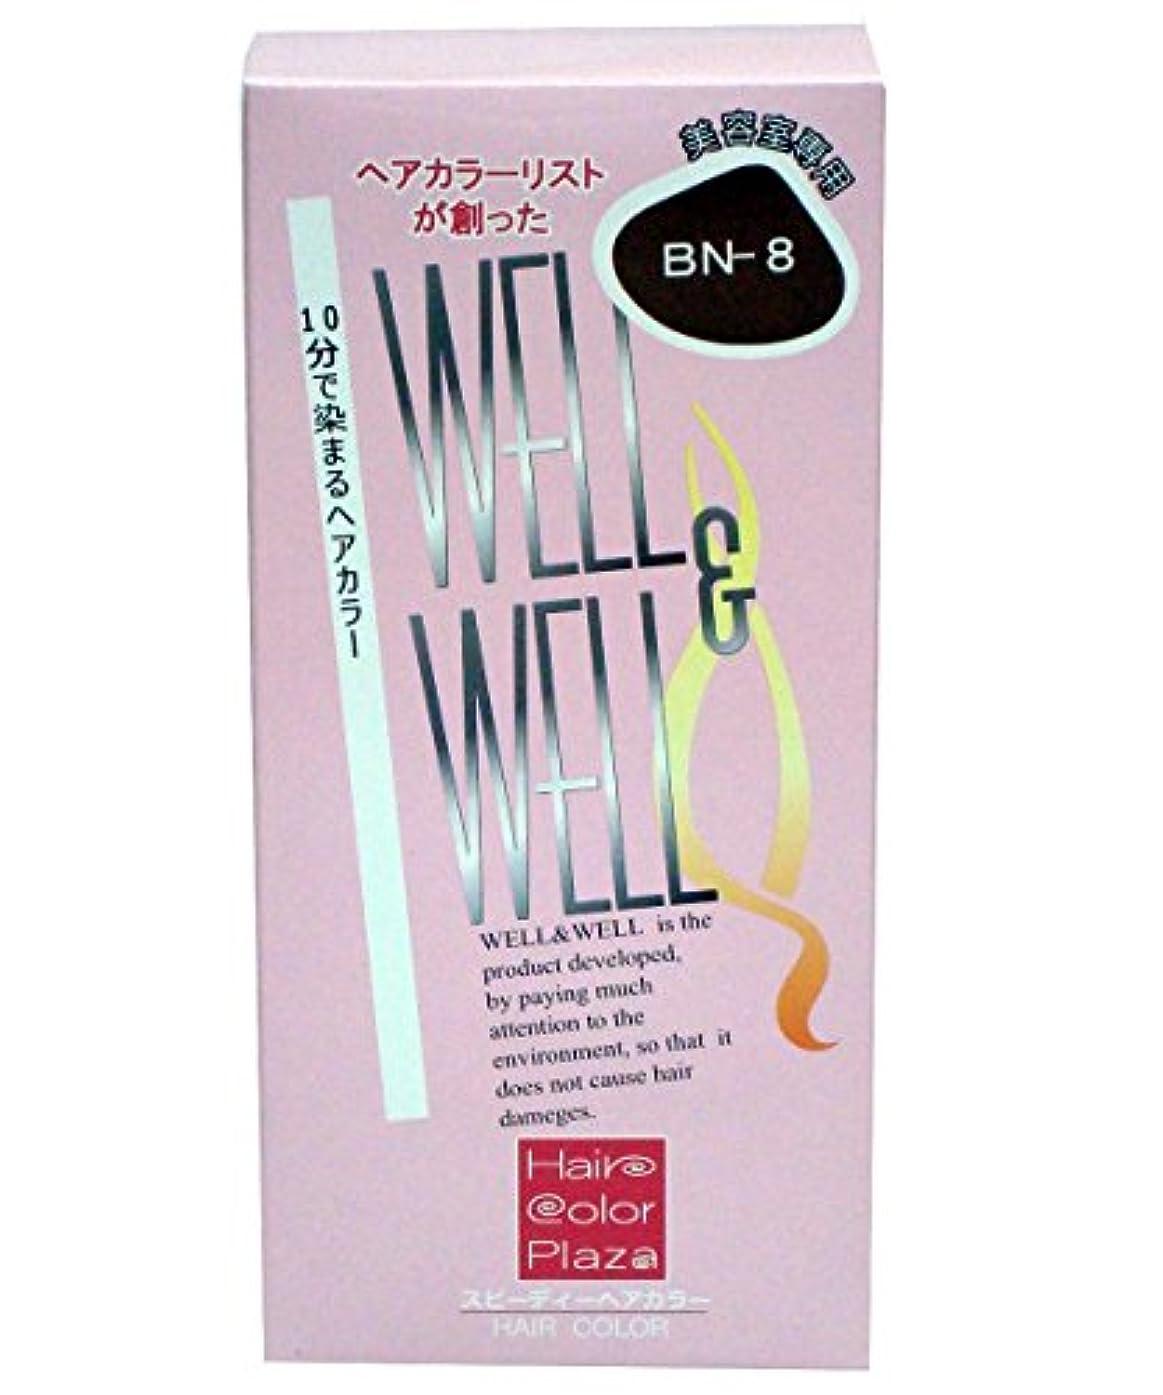 残酷な錫バランスのとれた【美容室専用】 ウェル&ウェル スピーディヘアカラー ナチュラルブラウン BN-8